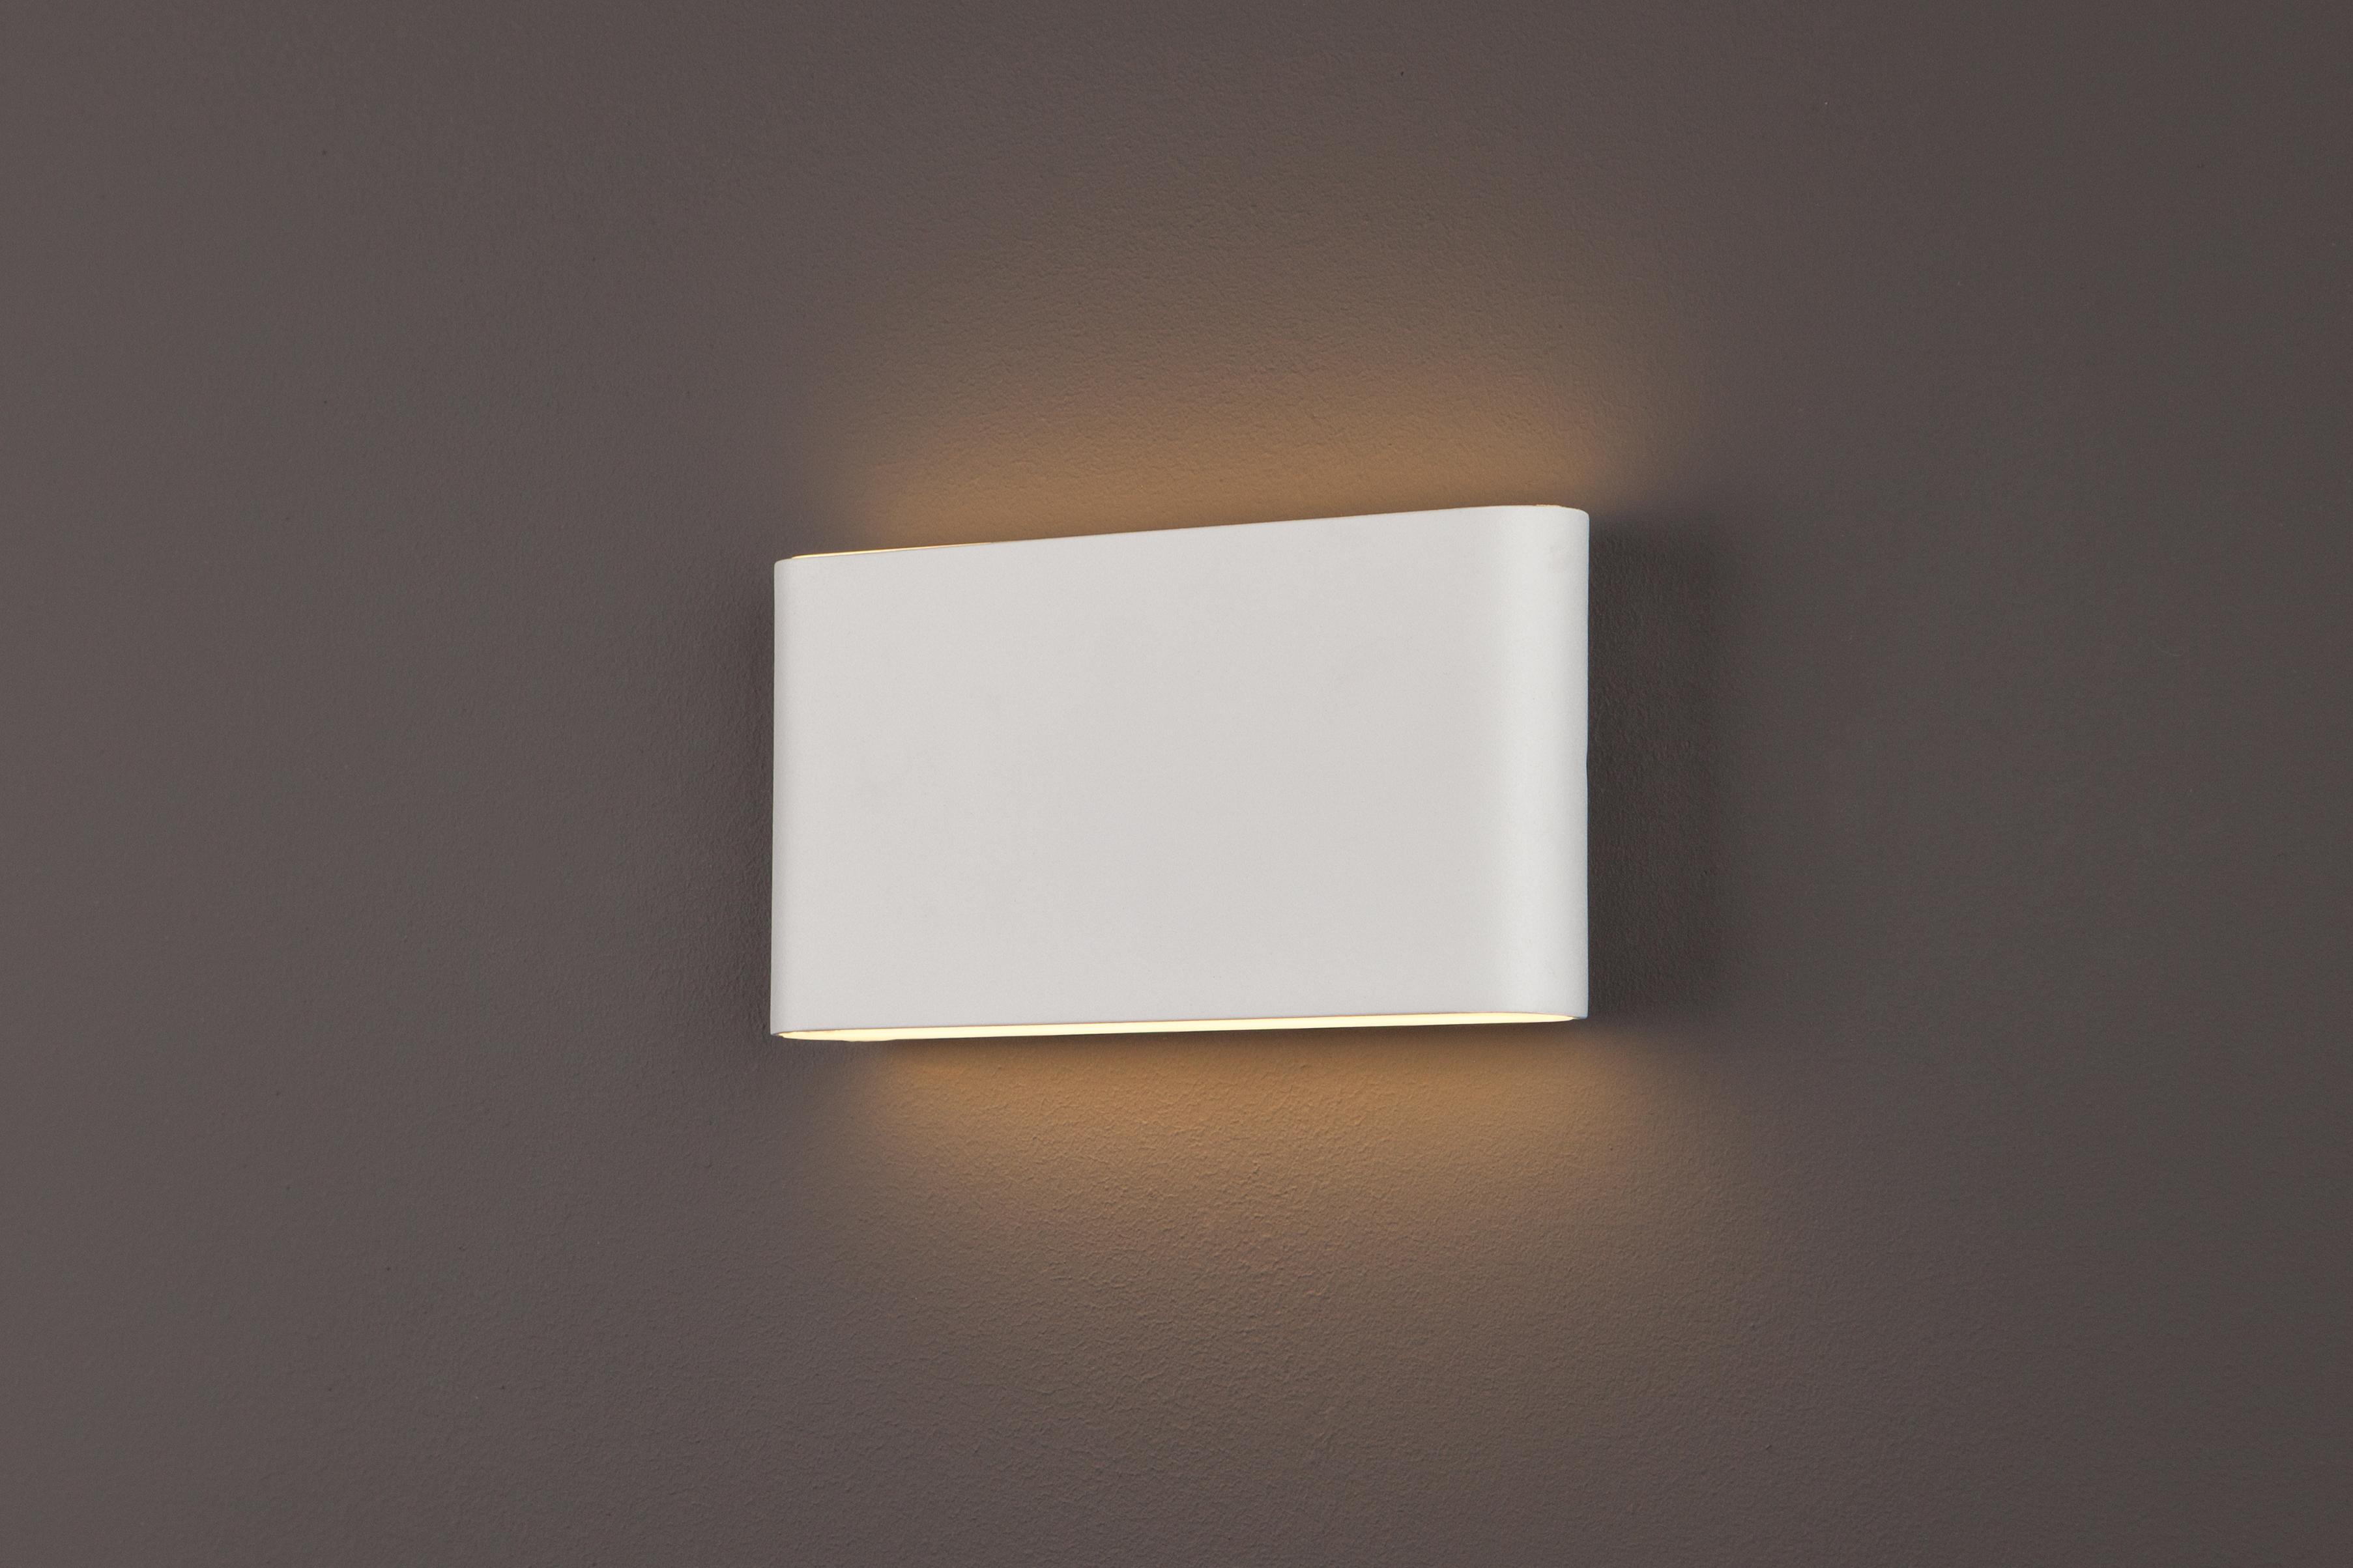 Nástěnné svítidlo Maxlight ZONE II, W0201